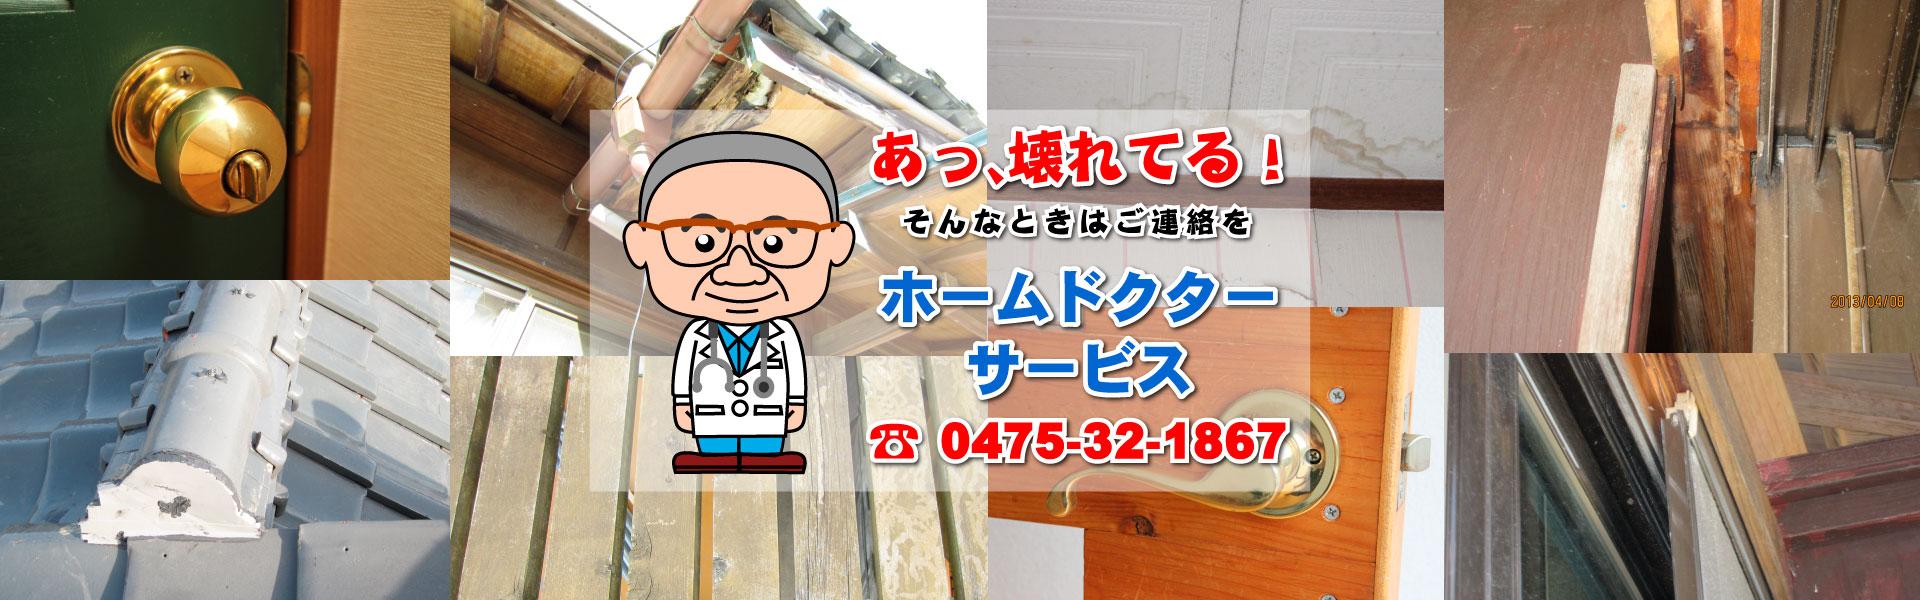 ホームドクター・サービス